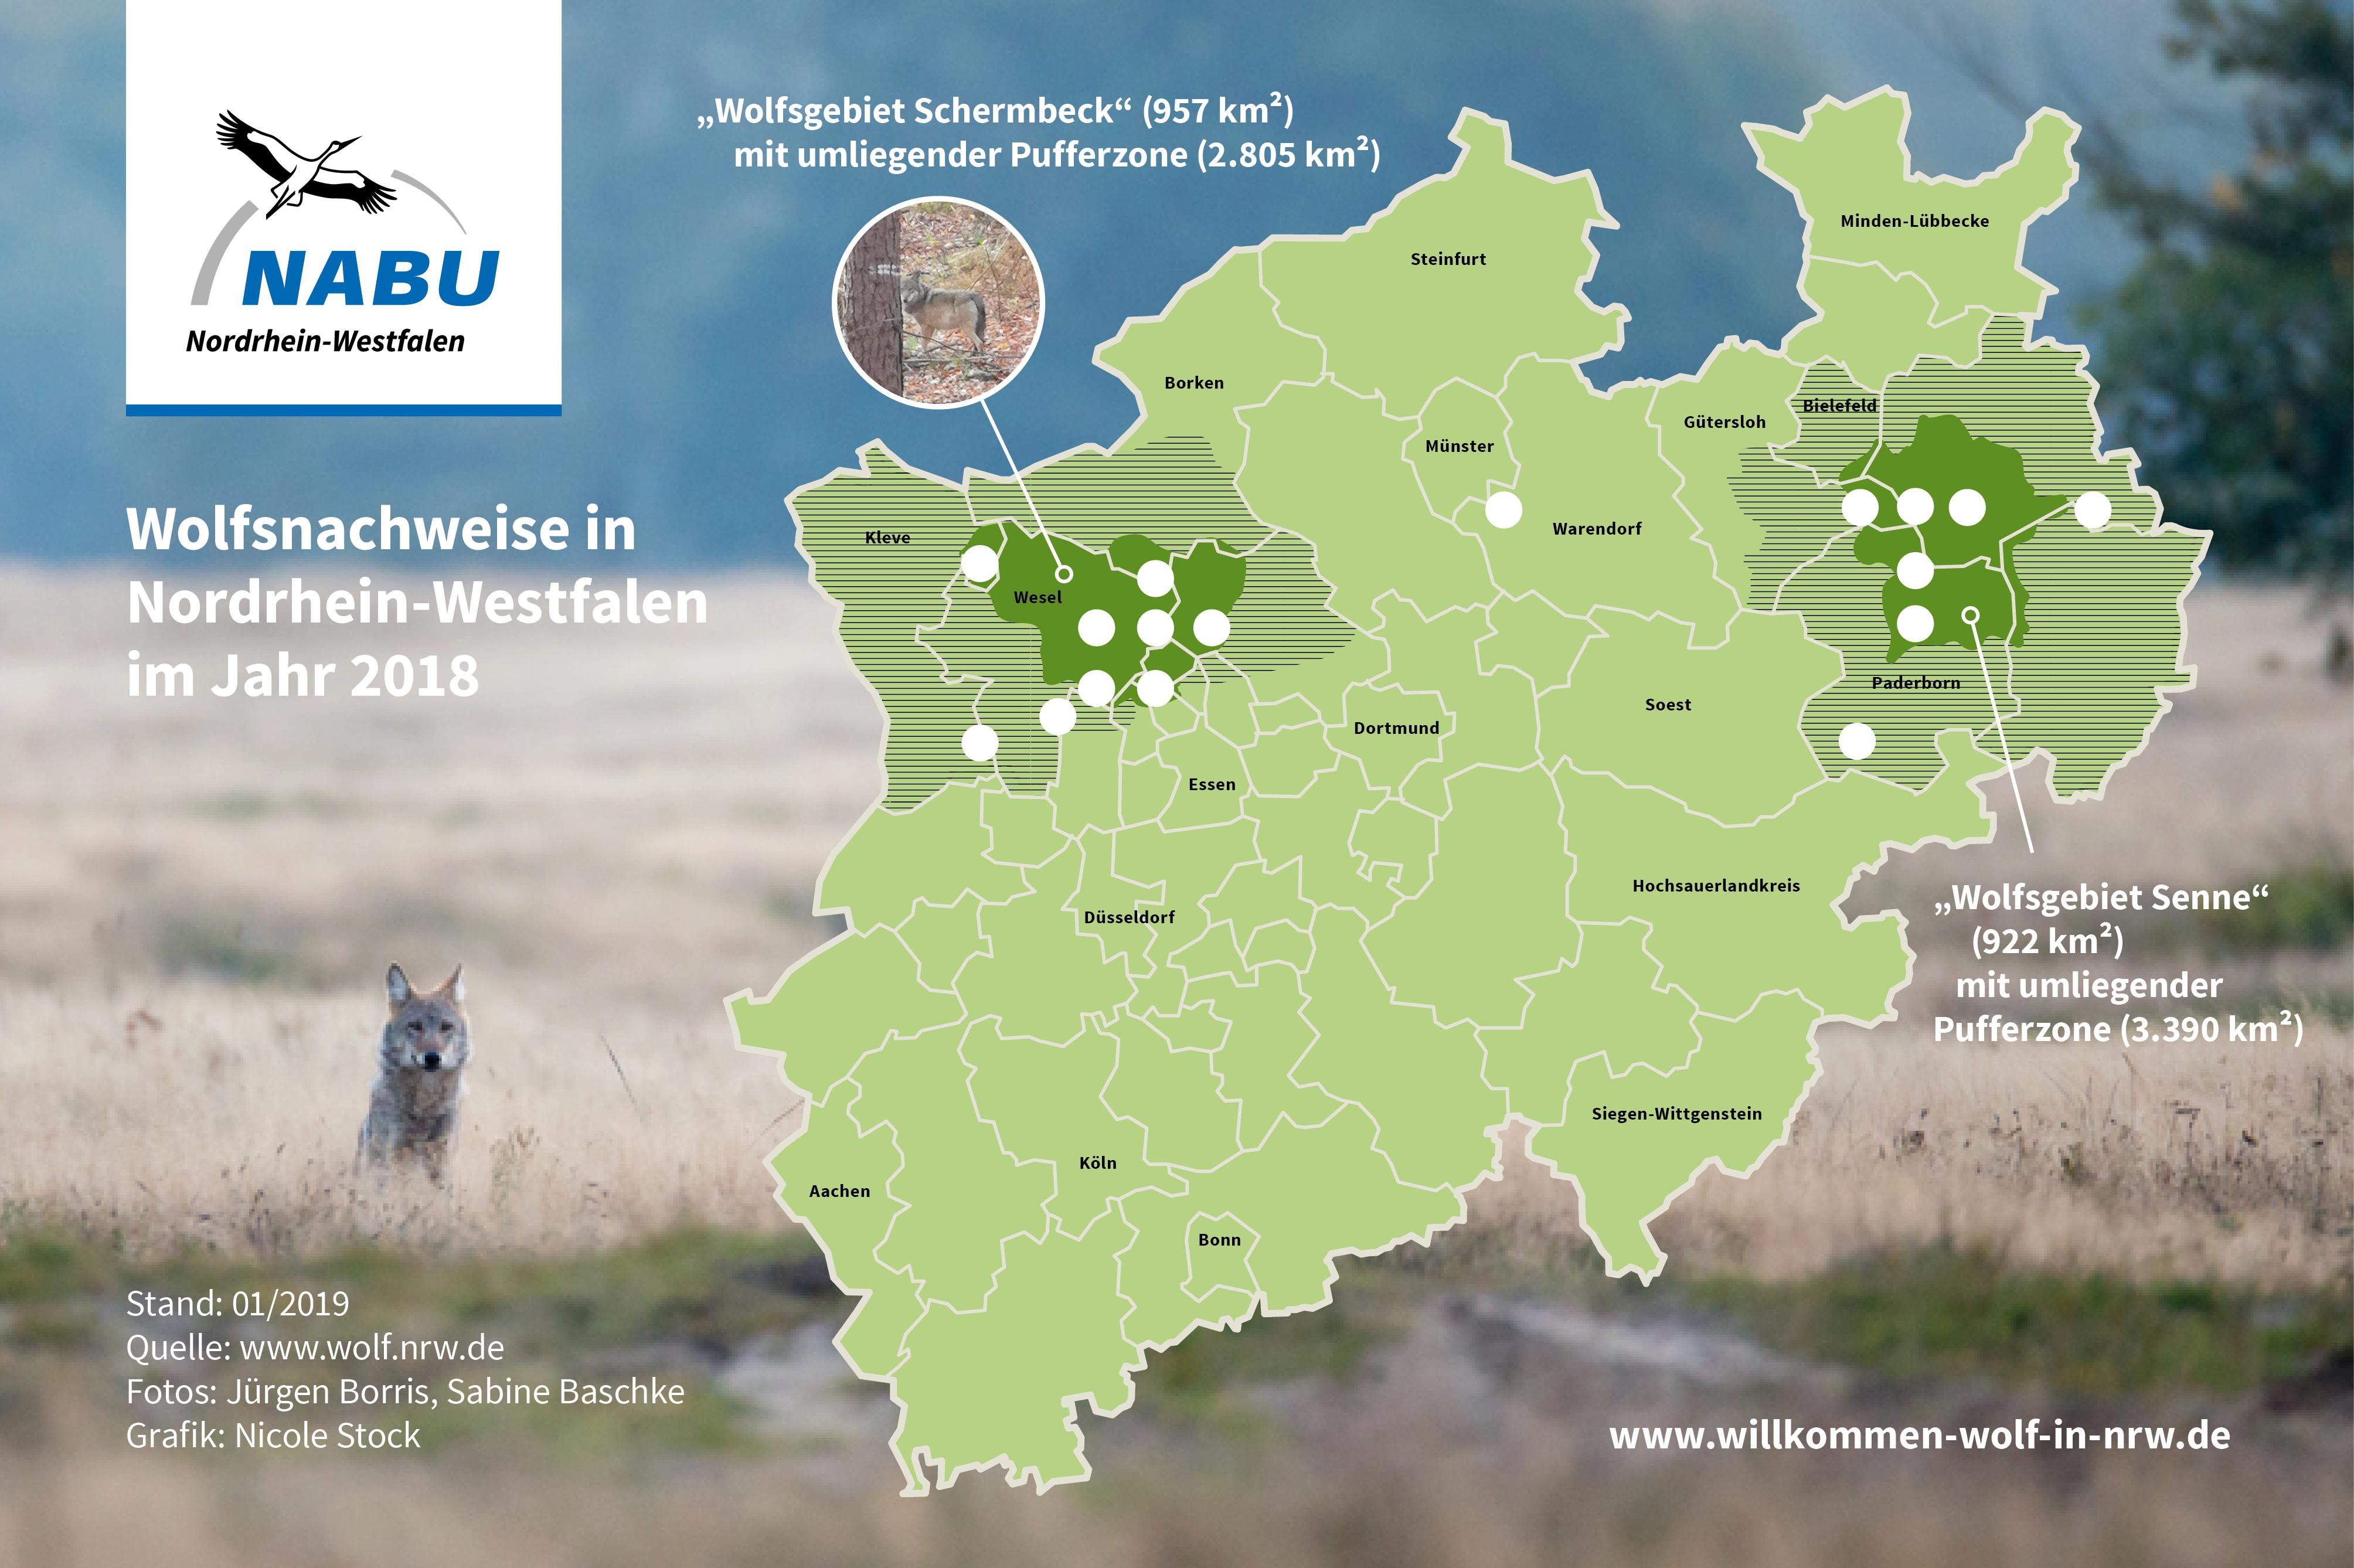 Sauerland Karte Deutschland.Landesfachausschuss Wolf In Nrw Nabu Wölfe In Nrw